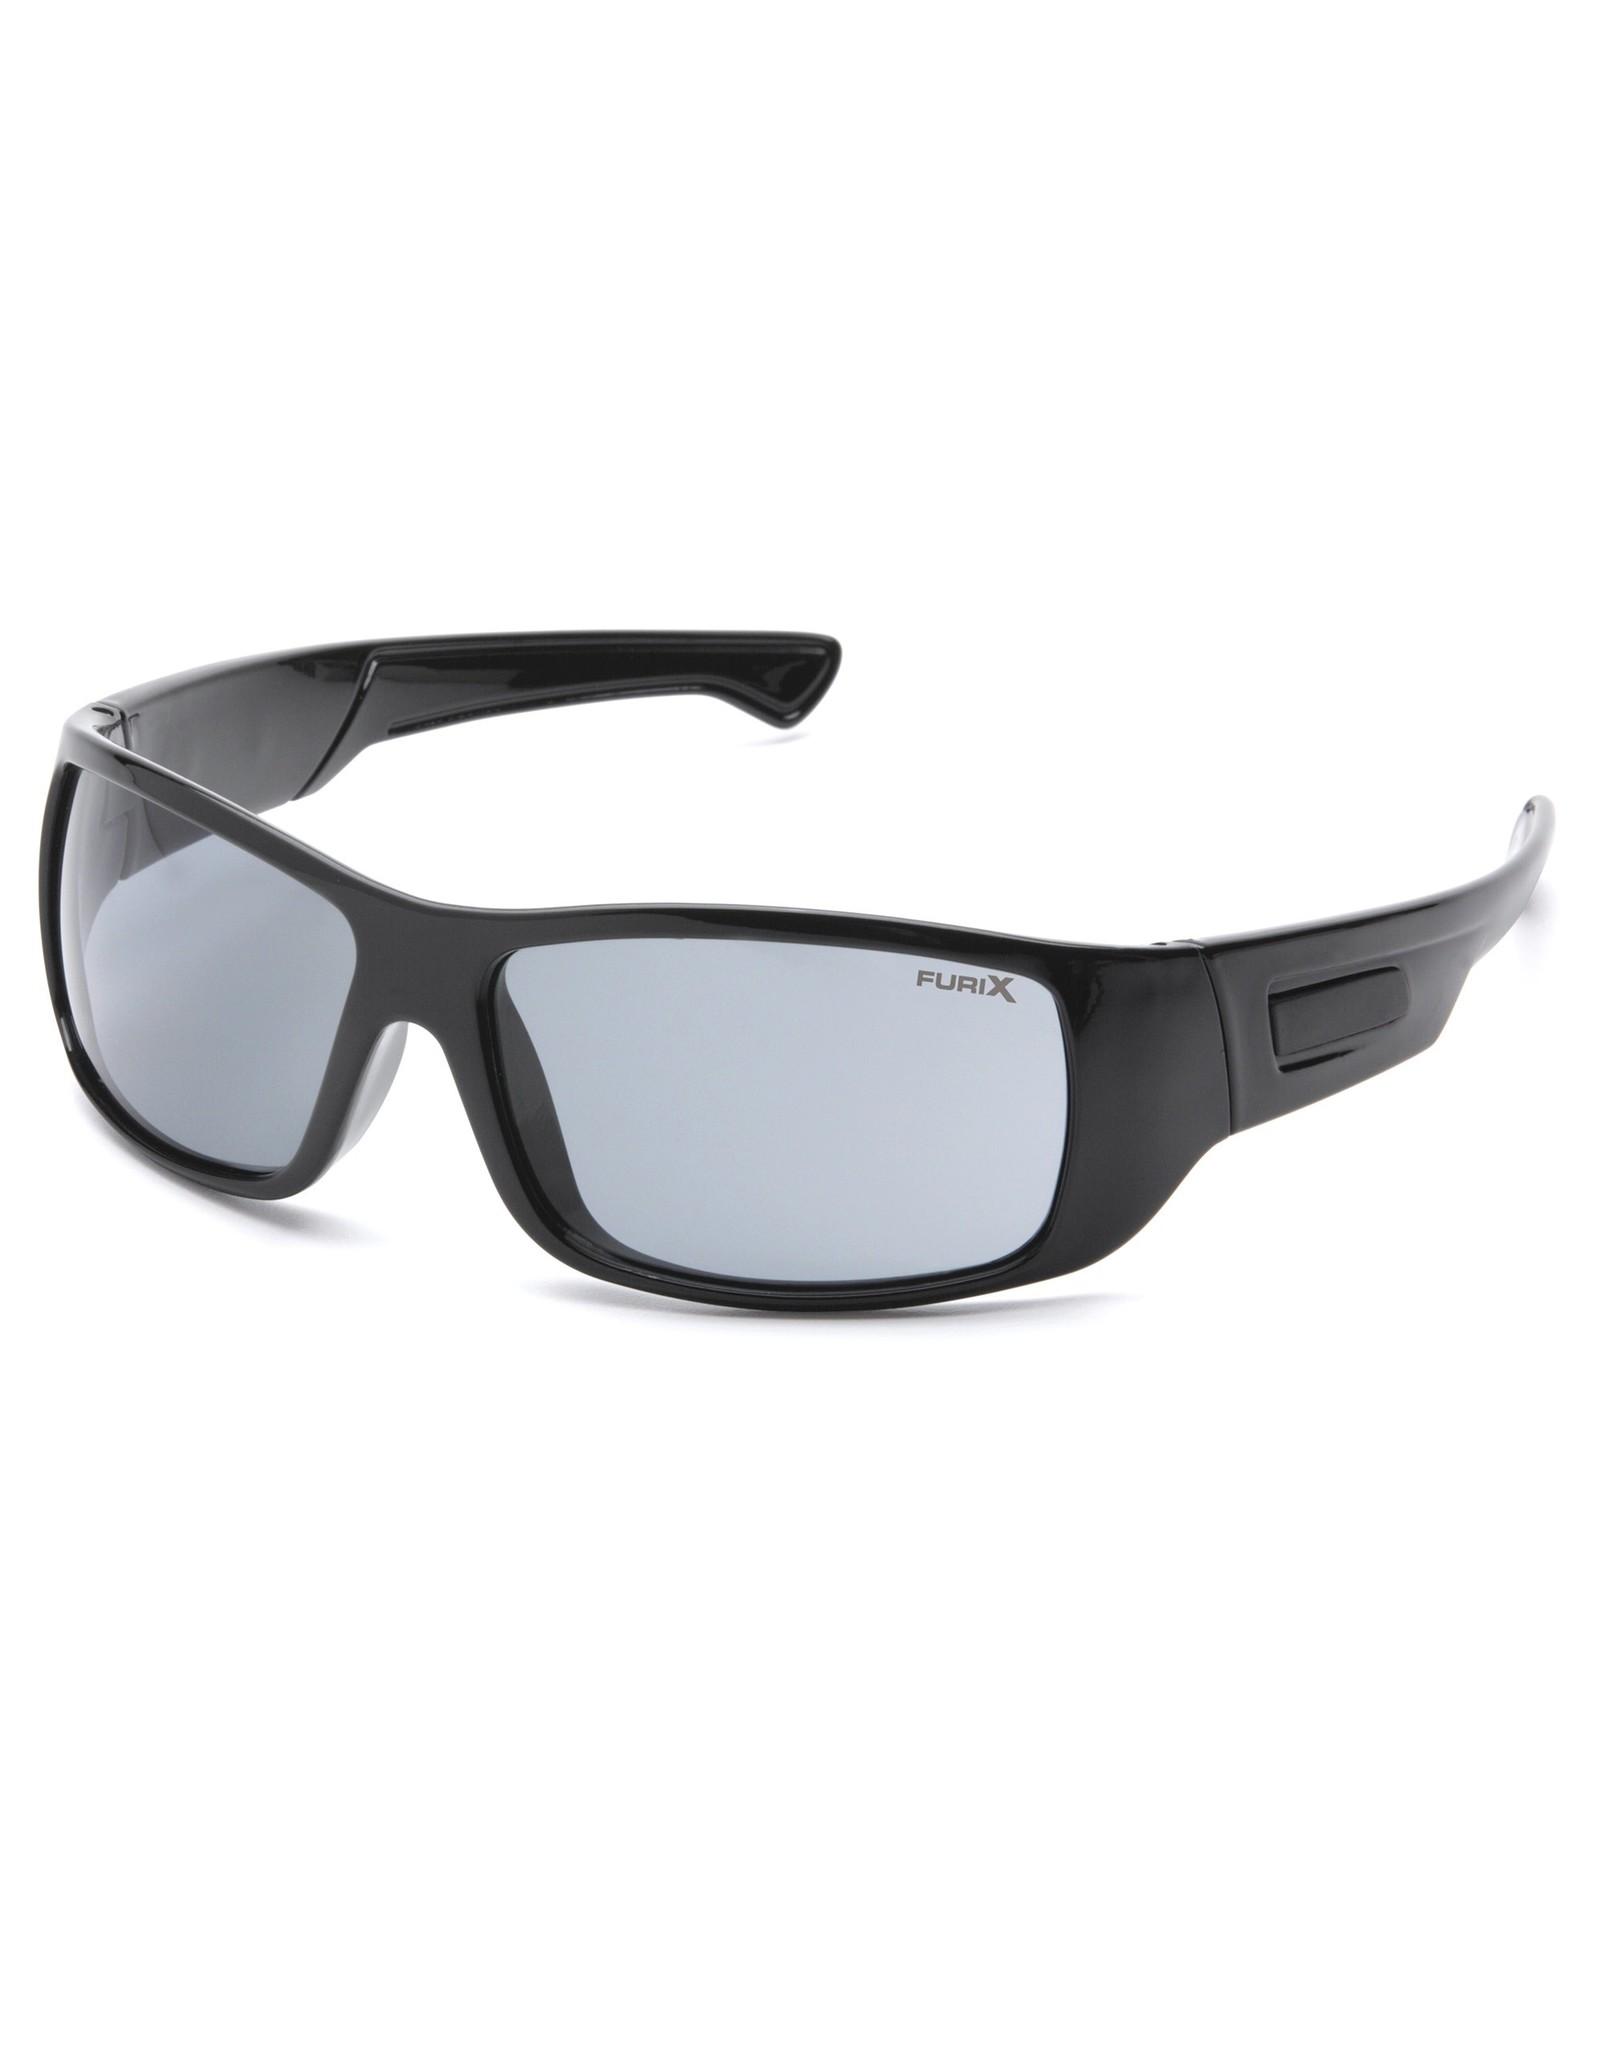 Pyramex FURIX Anti-Fog Lens with Black Frame